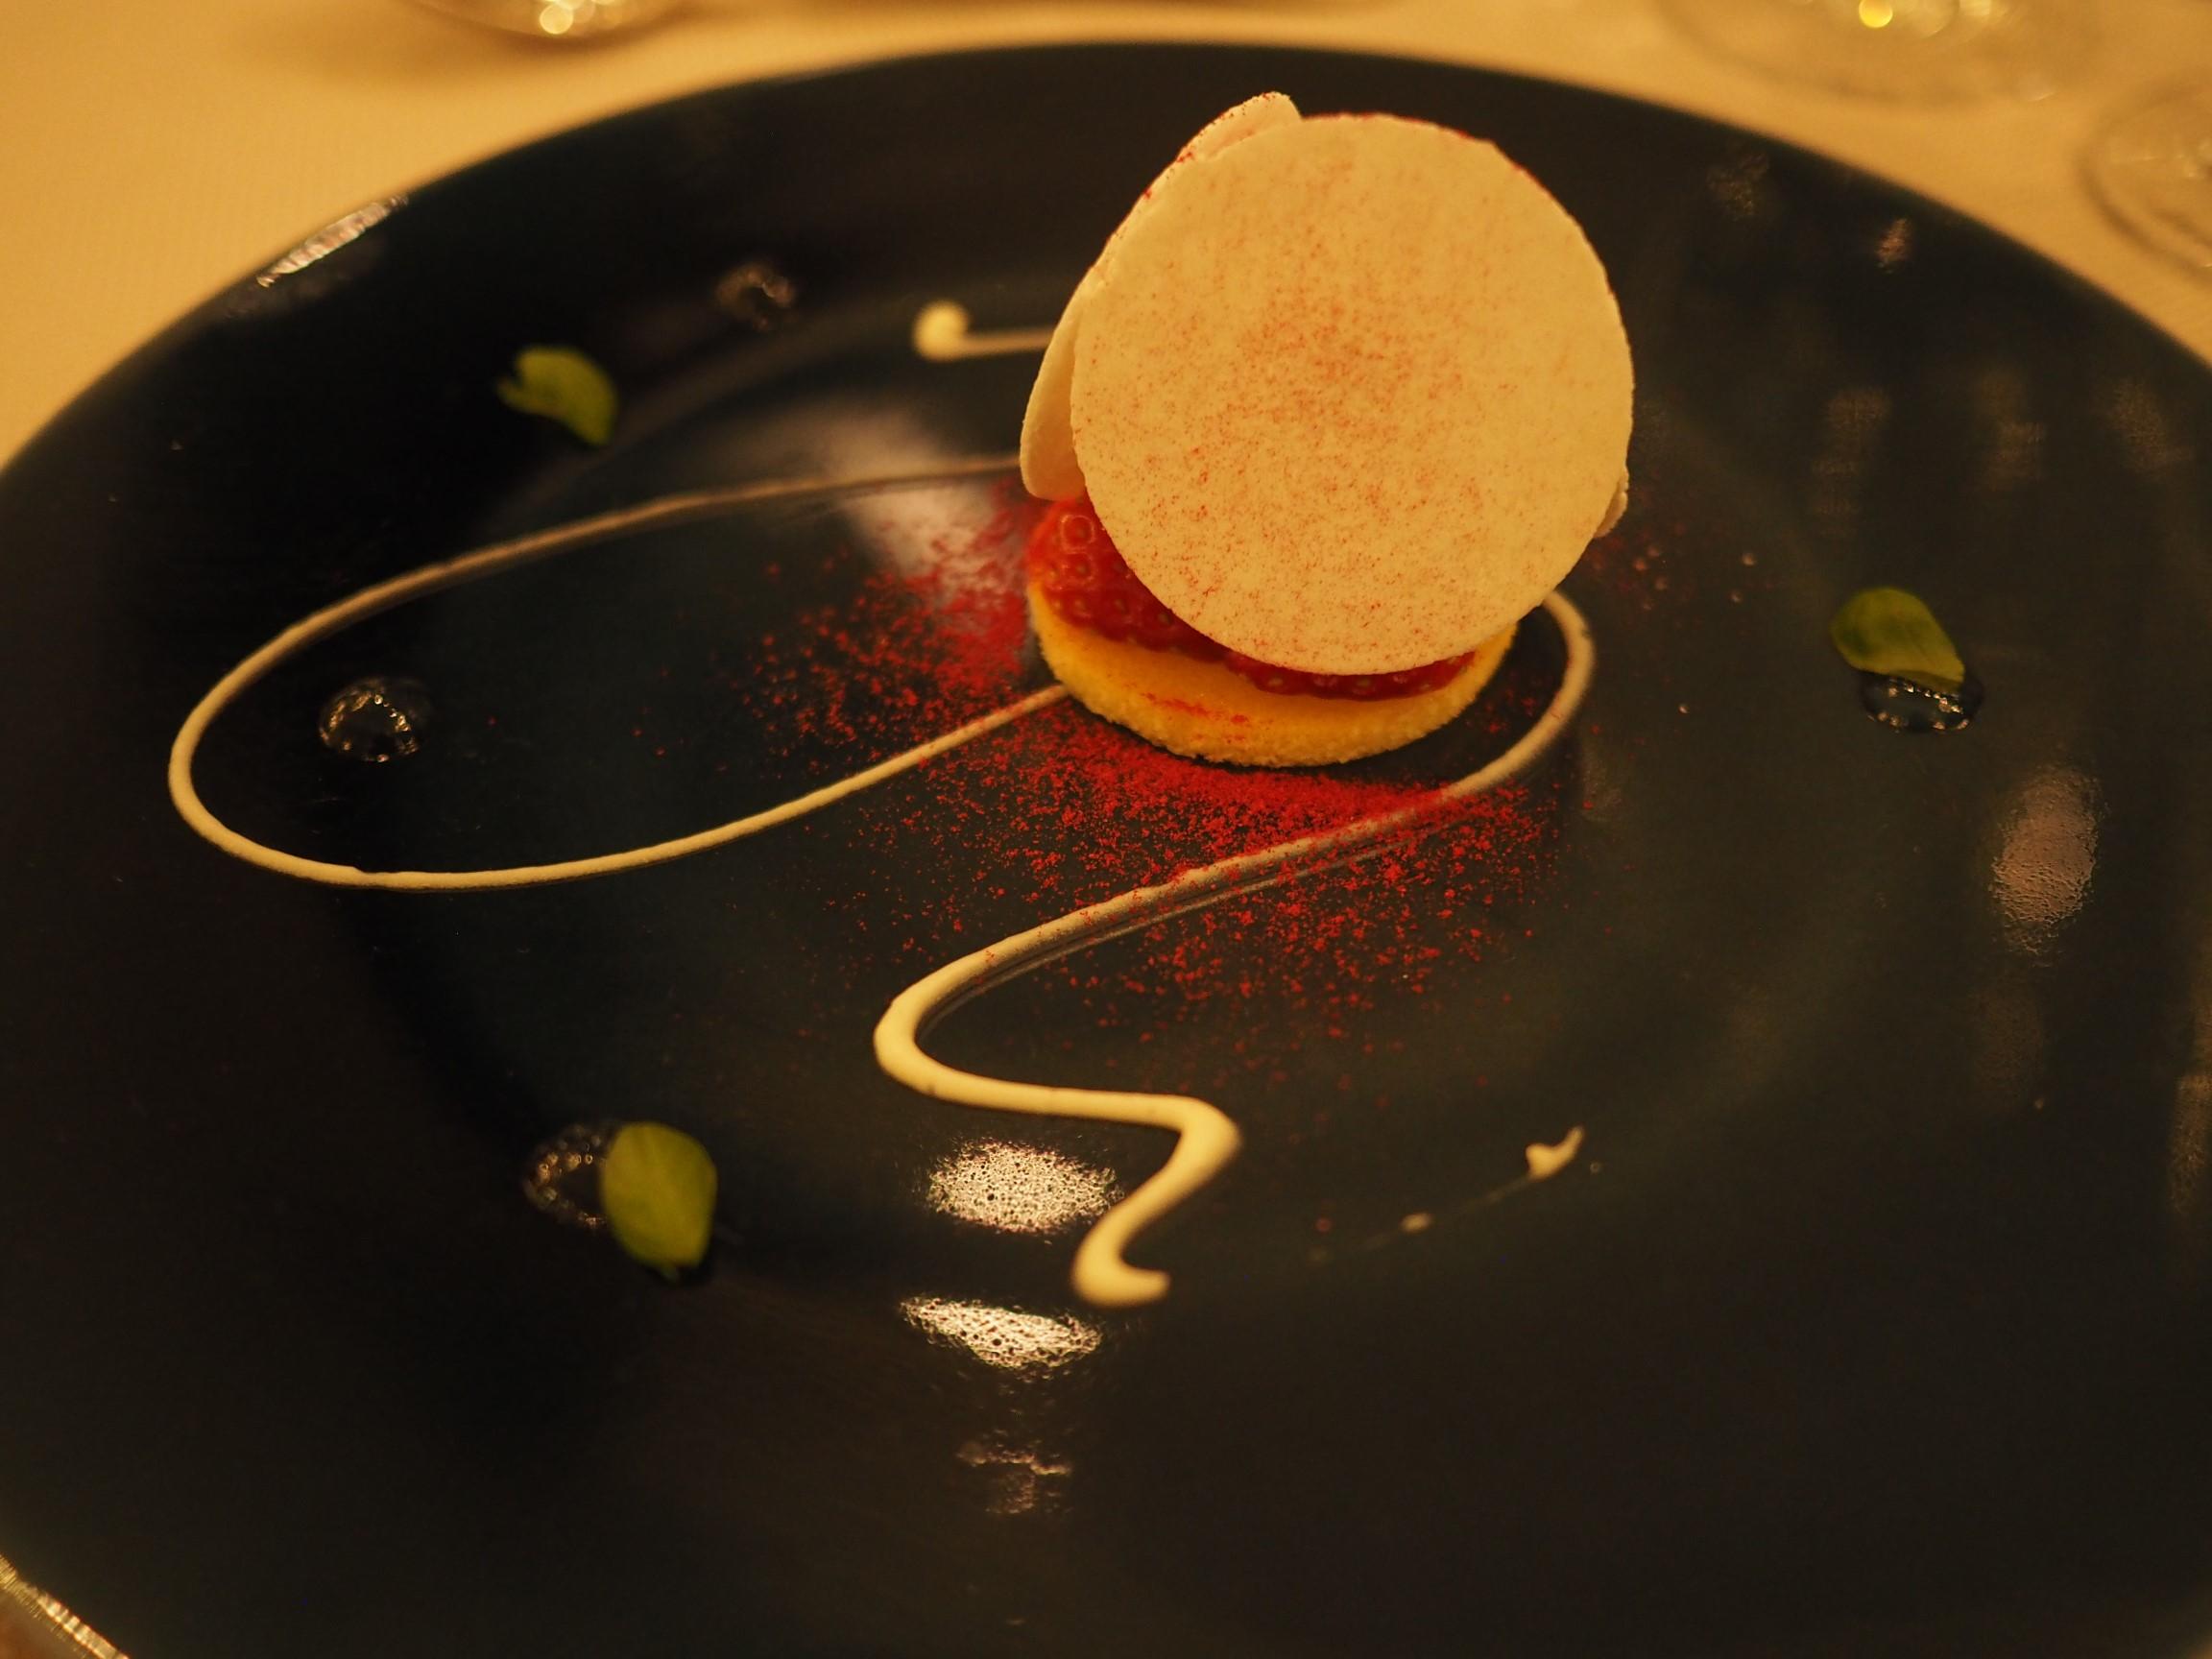 名古屋カップル必見!ストリングスホテル名古屋で平成最後のクリスマスディナーを - PA230513